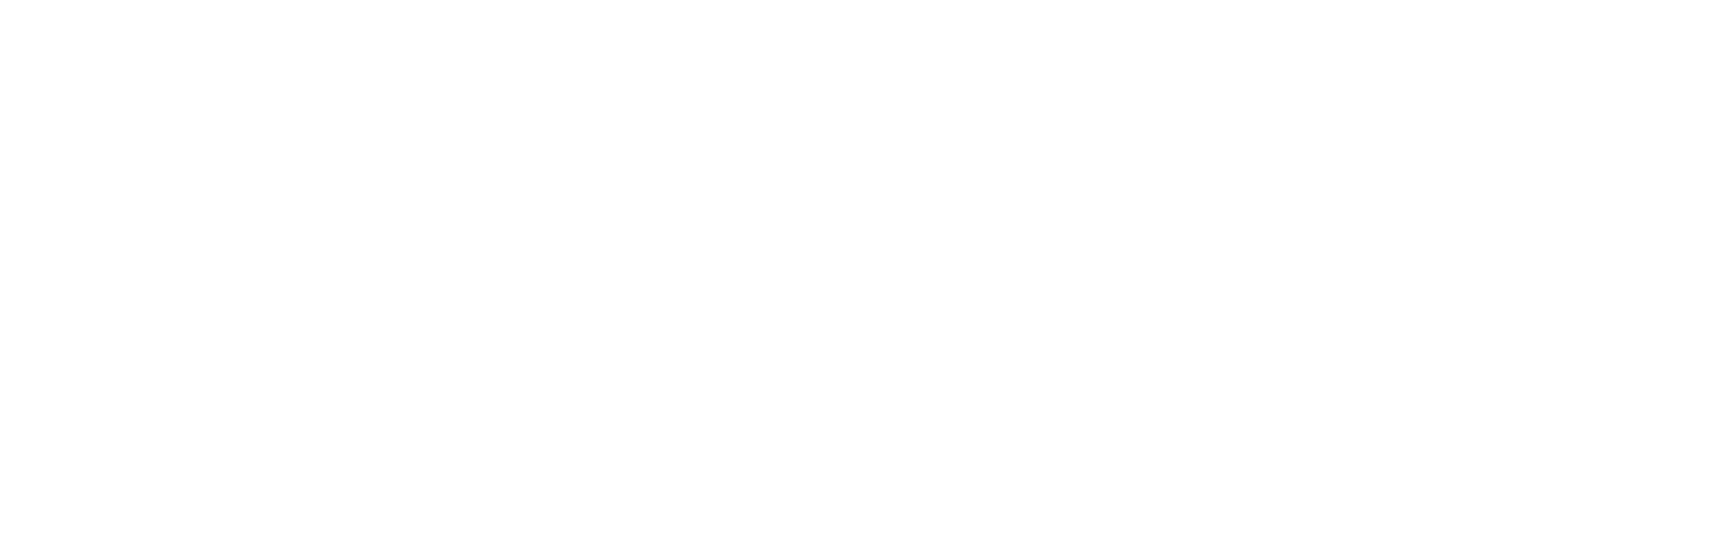 Hamper-logotype-RGB-06-cropped